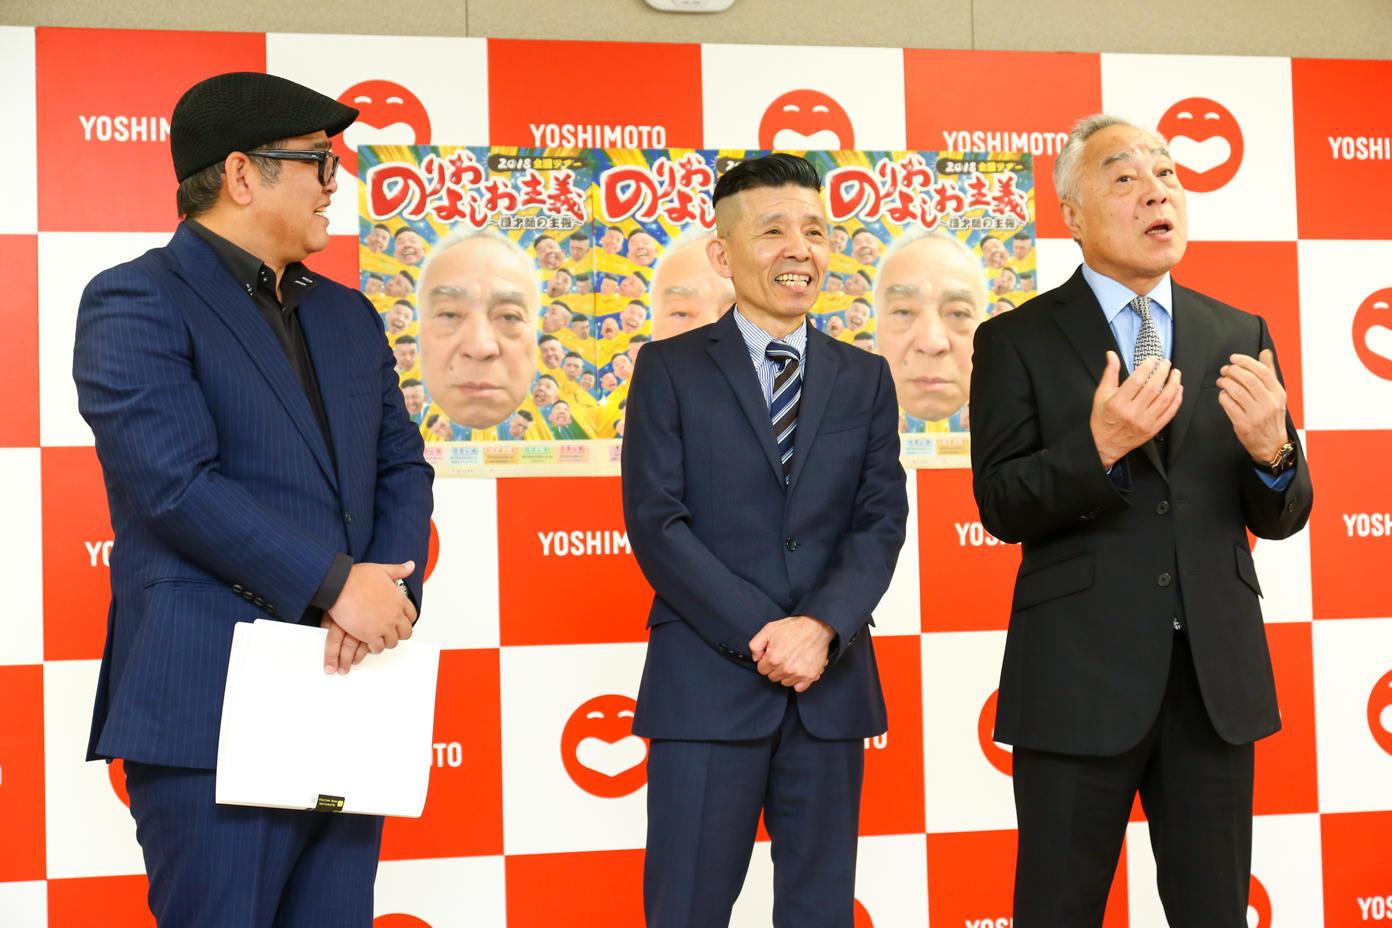 http://news.yoshimoto.co.jp/20171121230632-bc1d256732ae6f239d3e2f0c9c0d9d6576b68e98.jpg